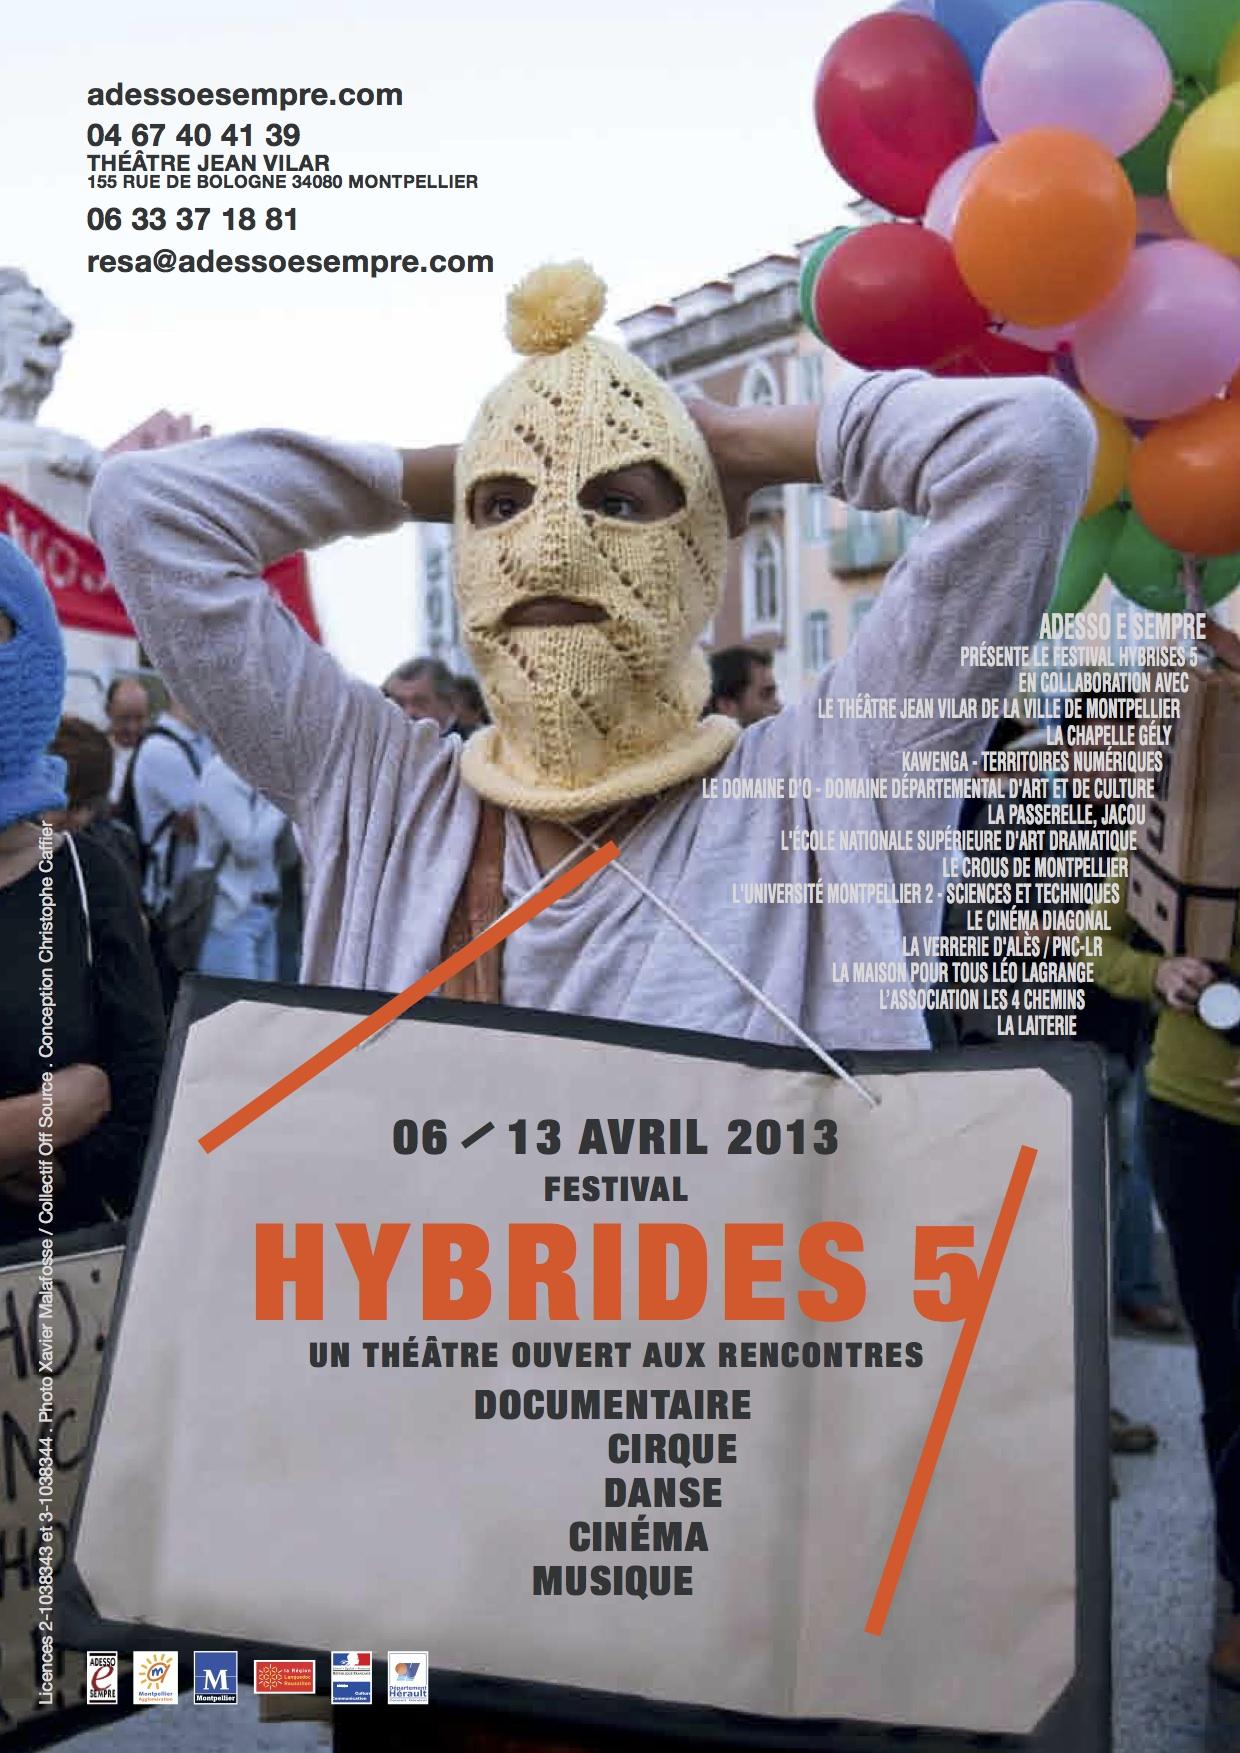 FestivalHybrides5